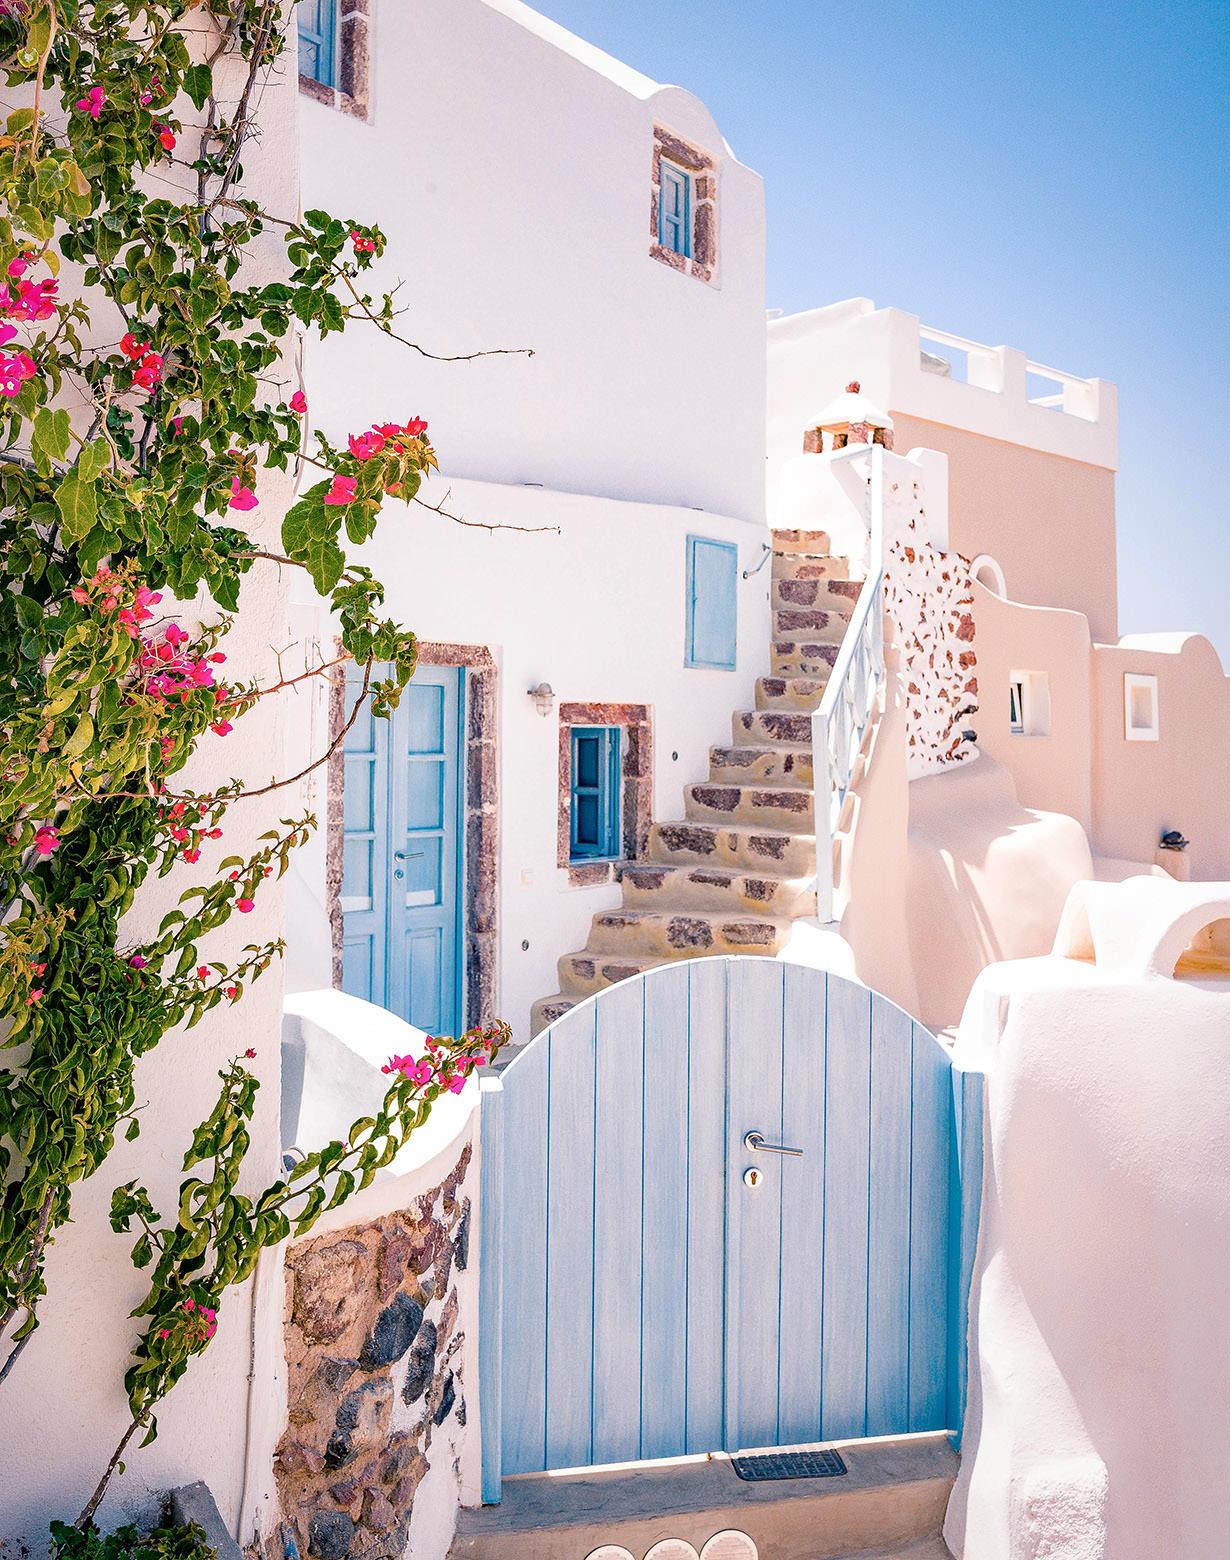 greek-alley